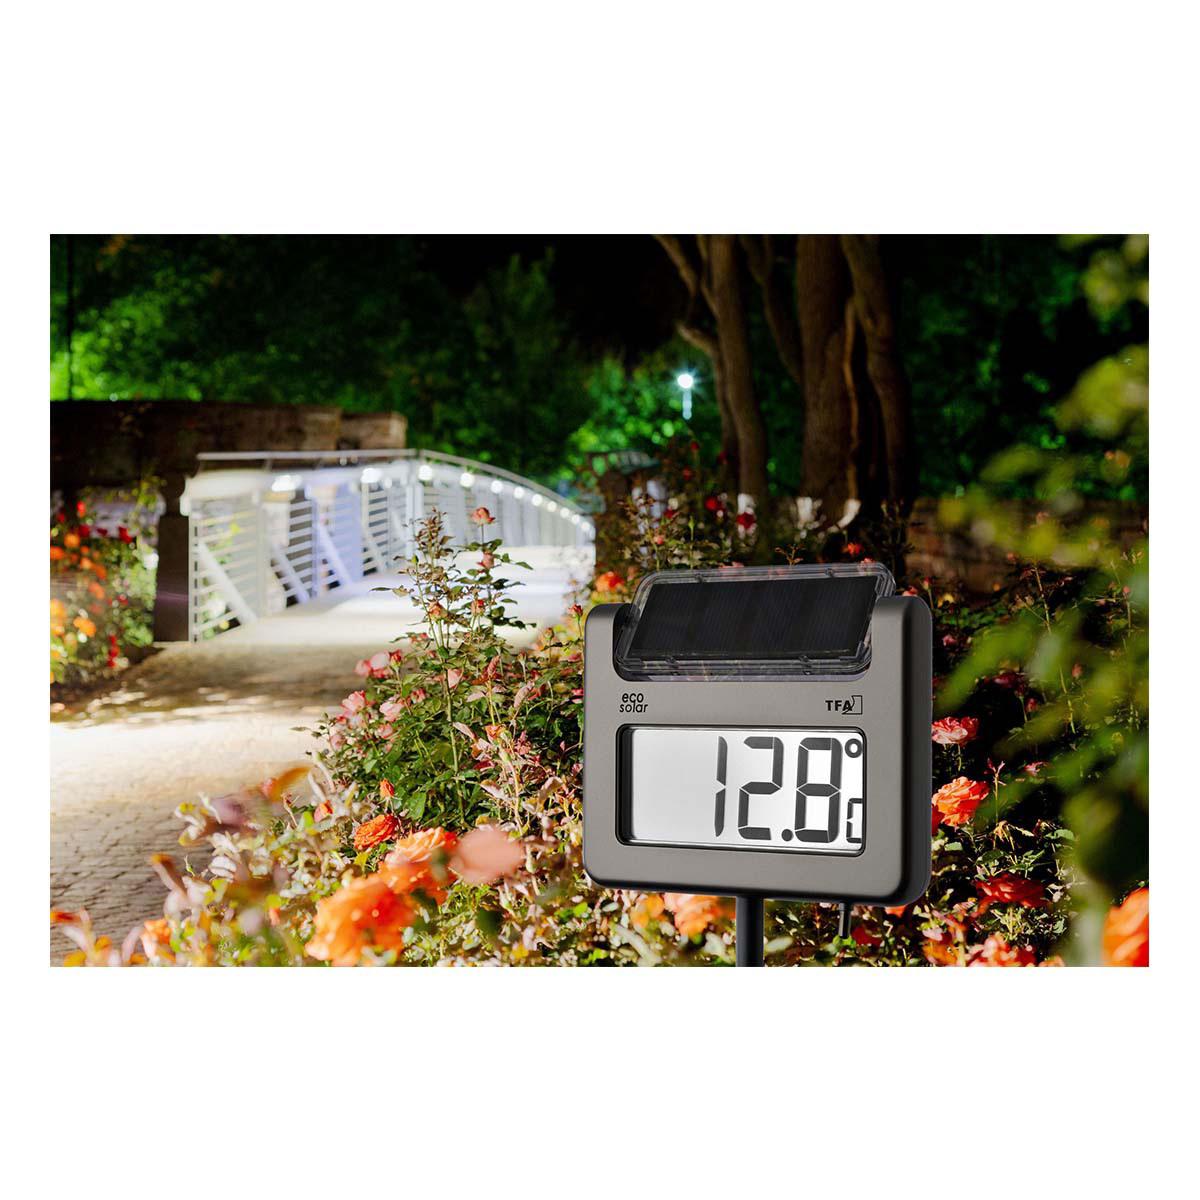 30-2026-digitales-gartenthermometer-mit-solarbeleuchtung-avenue-anwendung1-1200x1200px.jpg